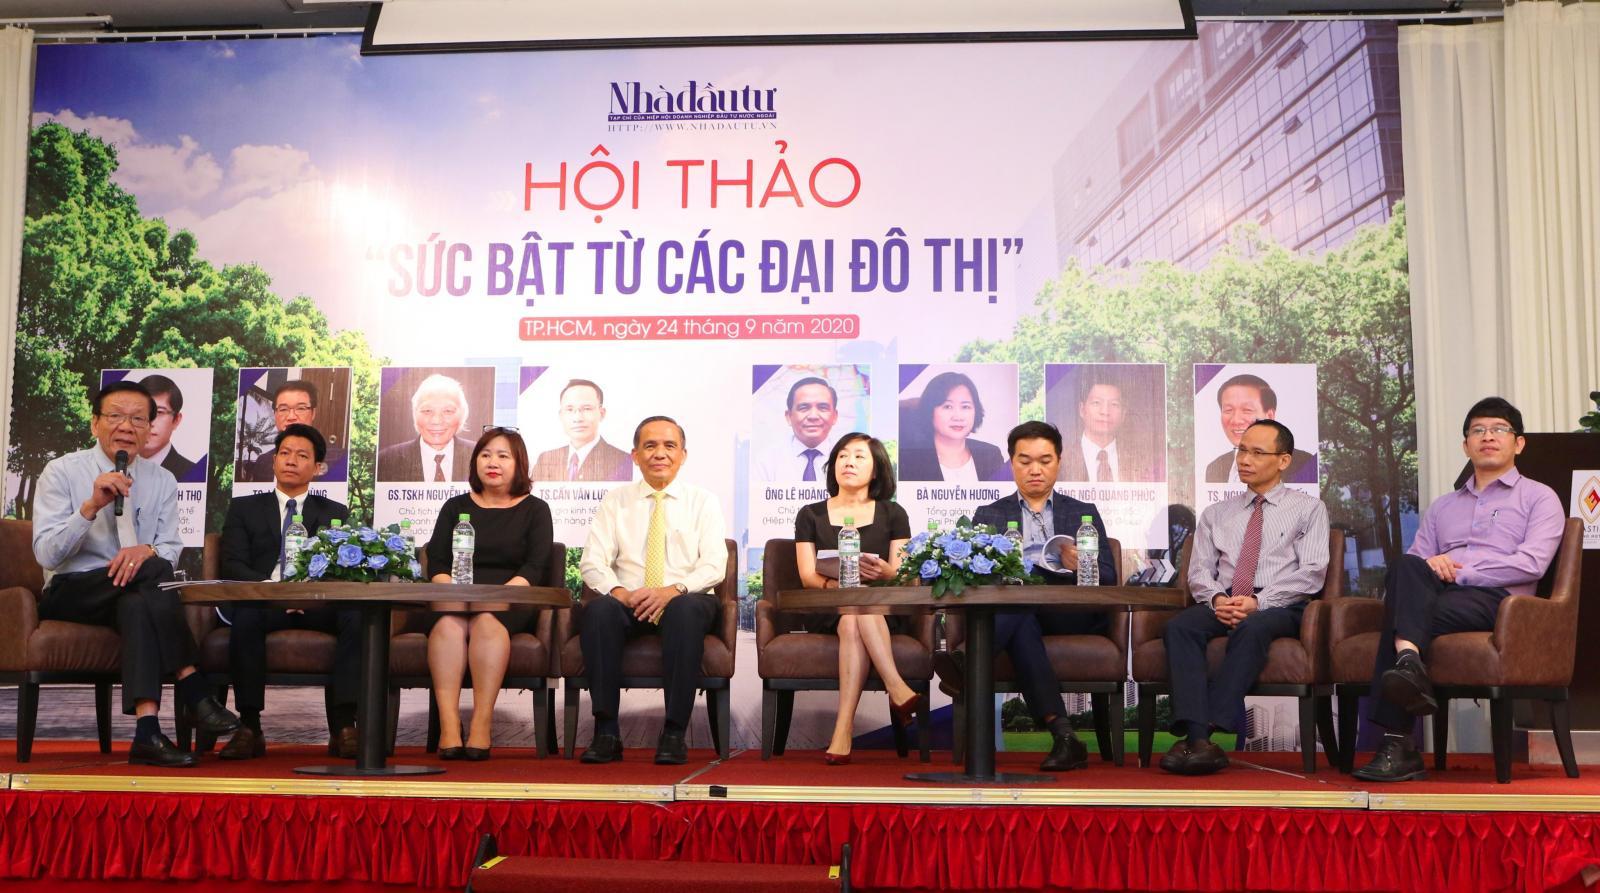 Hình ảnh tại hội thảo Sức bật đại đô thị